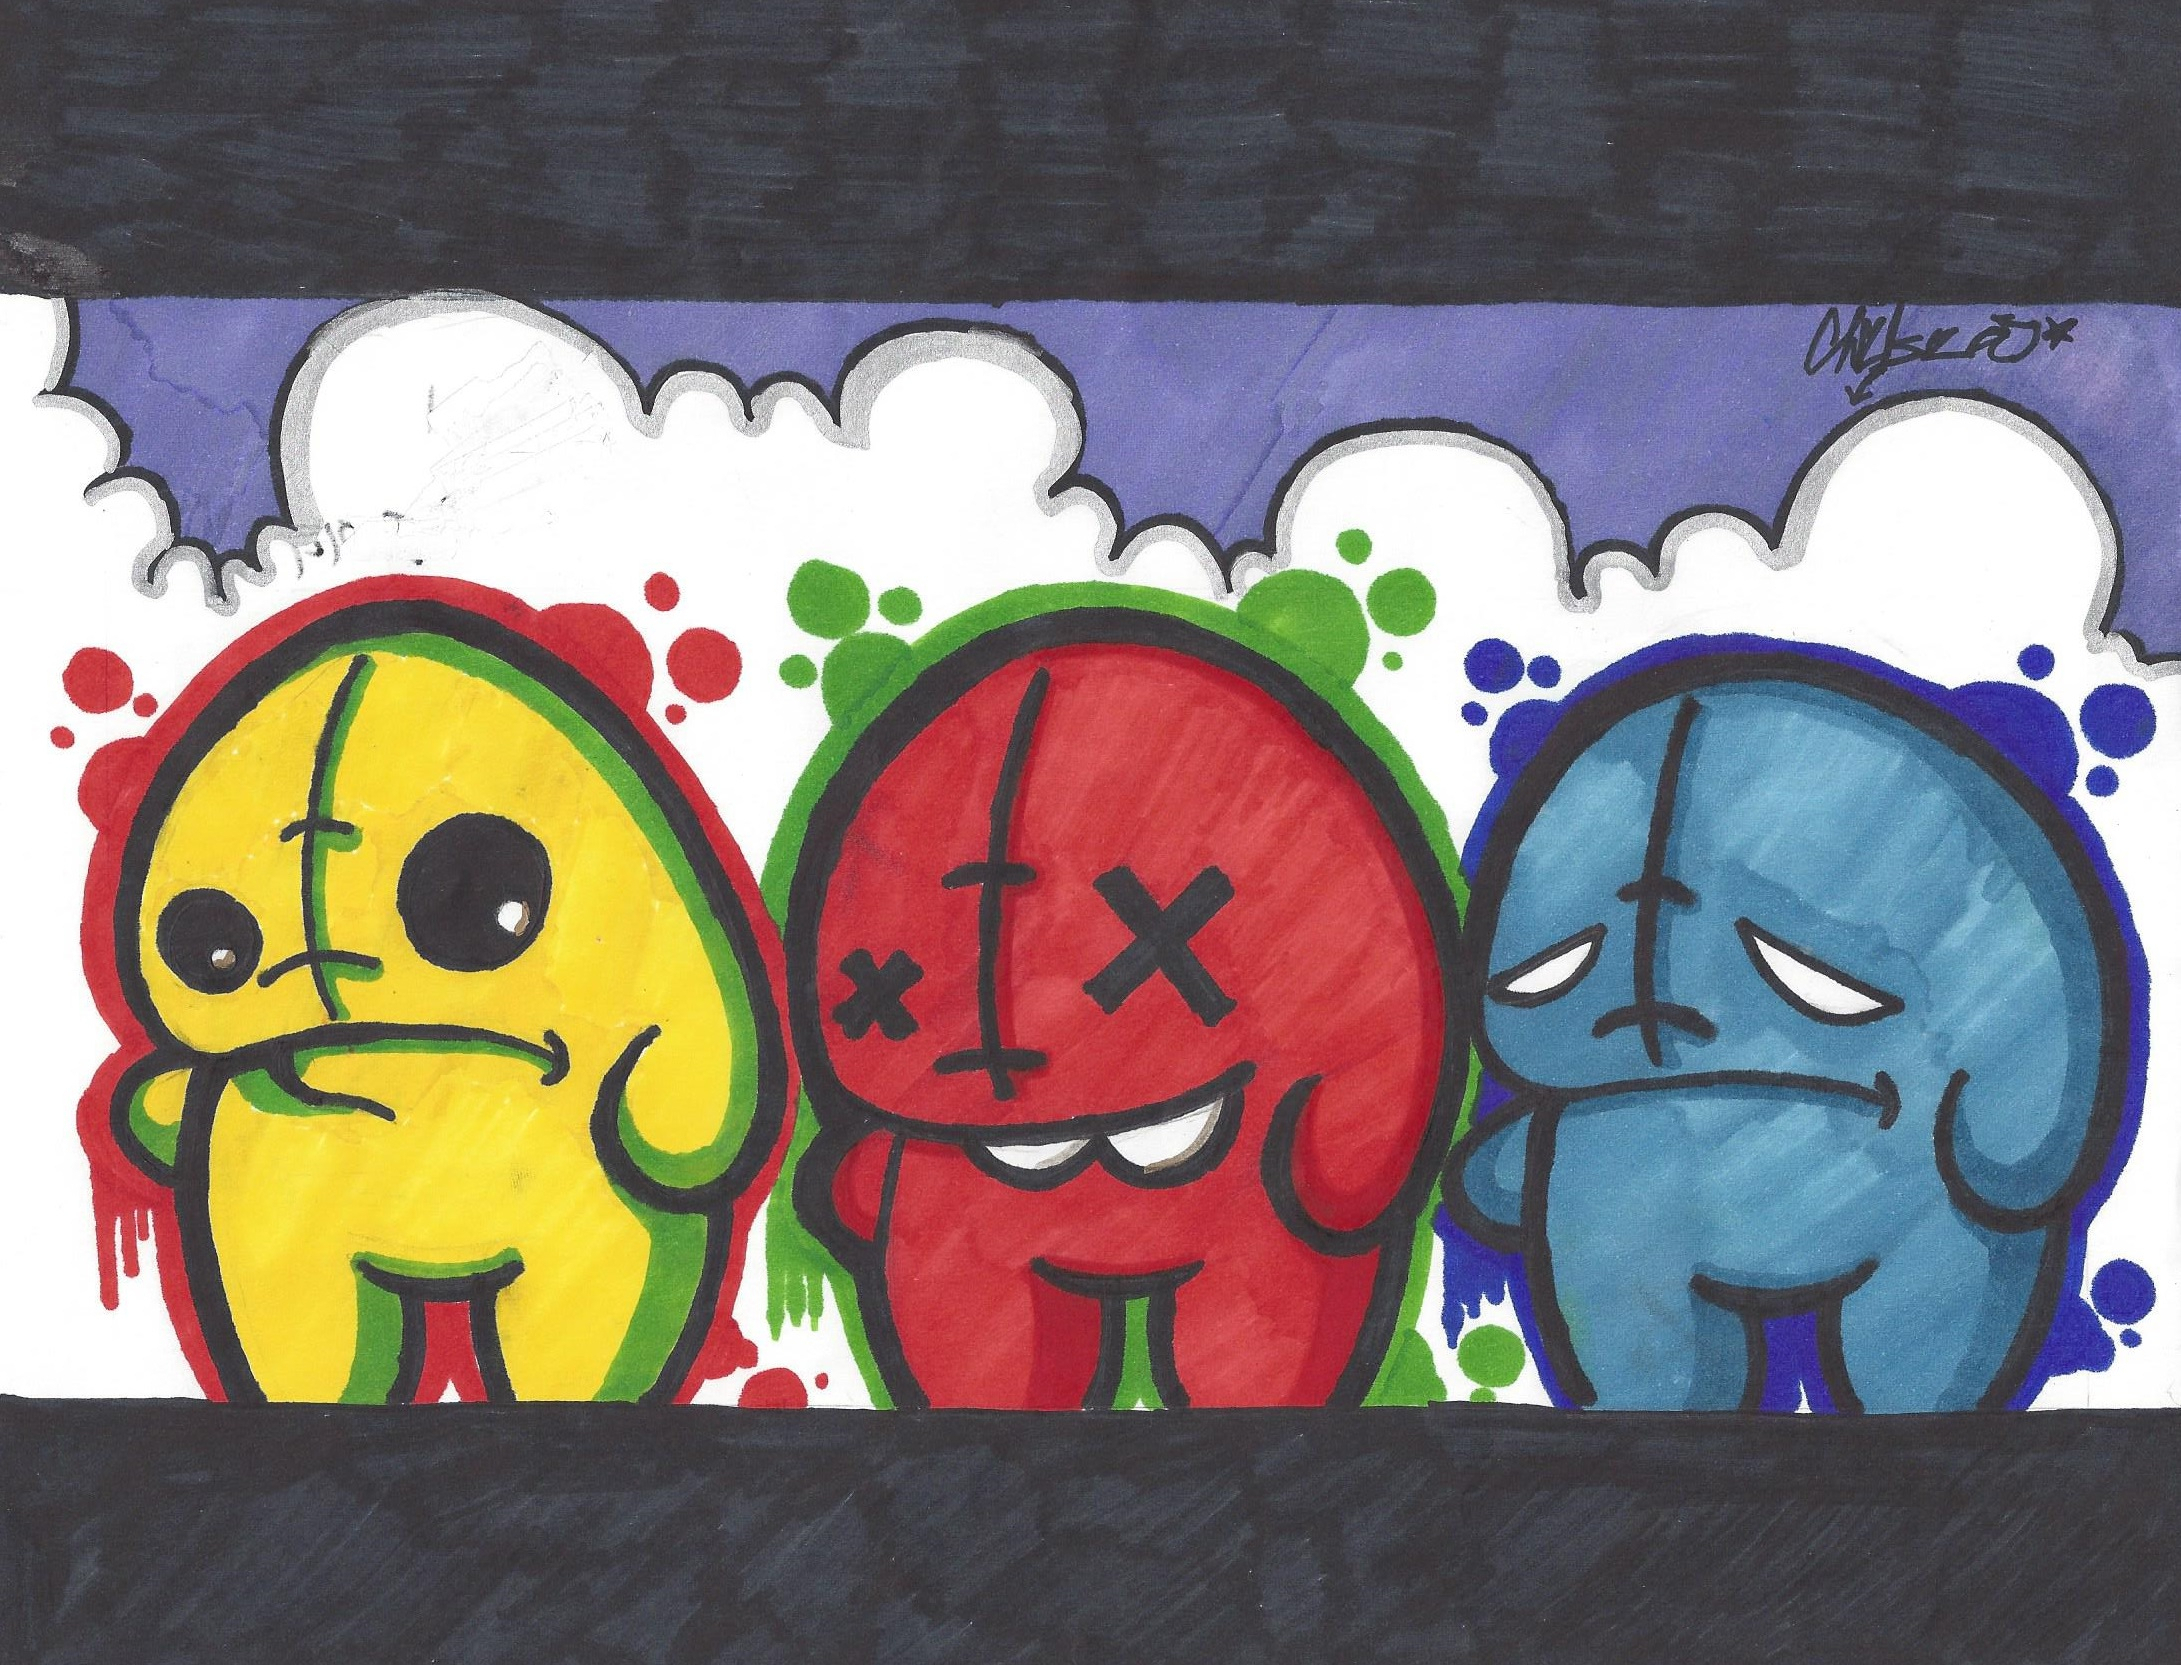 2181x1665 Funny Graffiti Characters Funny Graffiti Drawings Graffiti